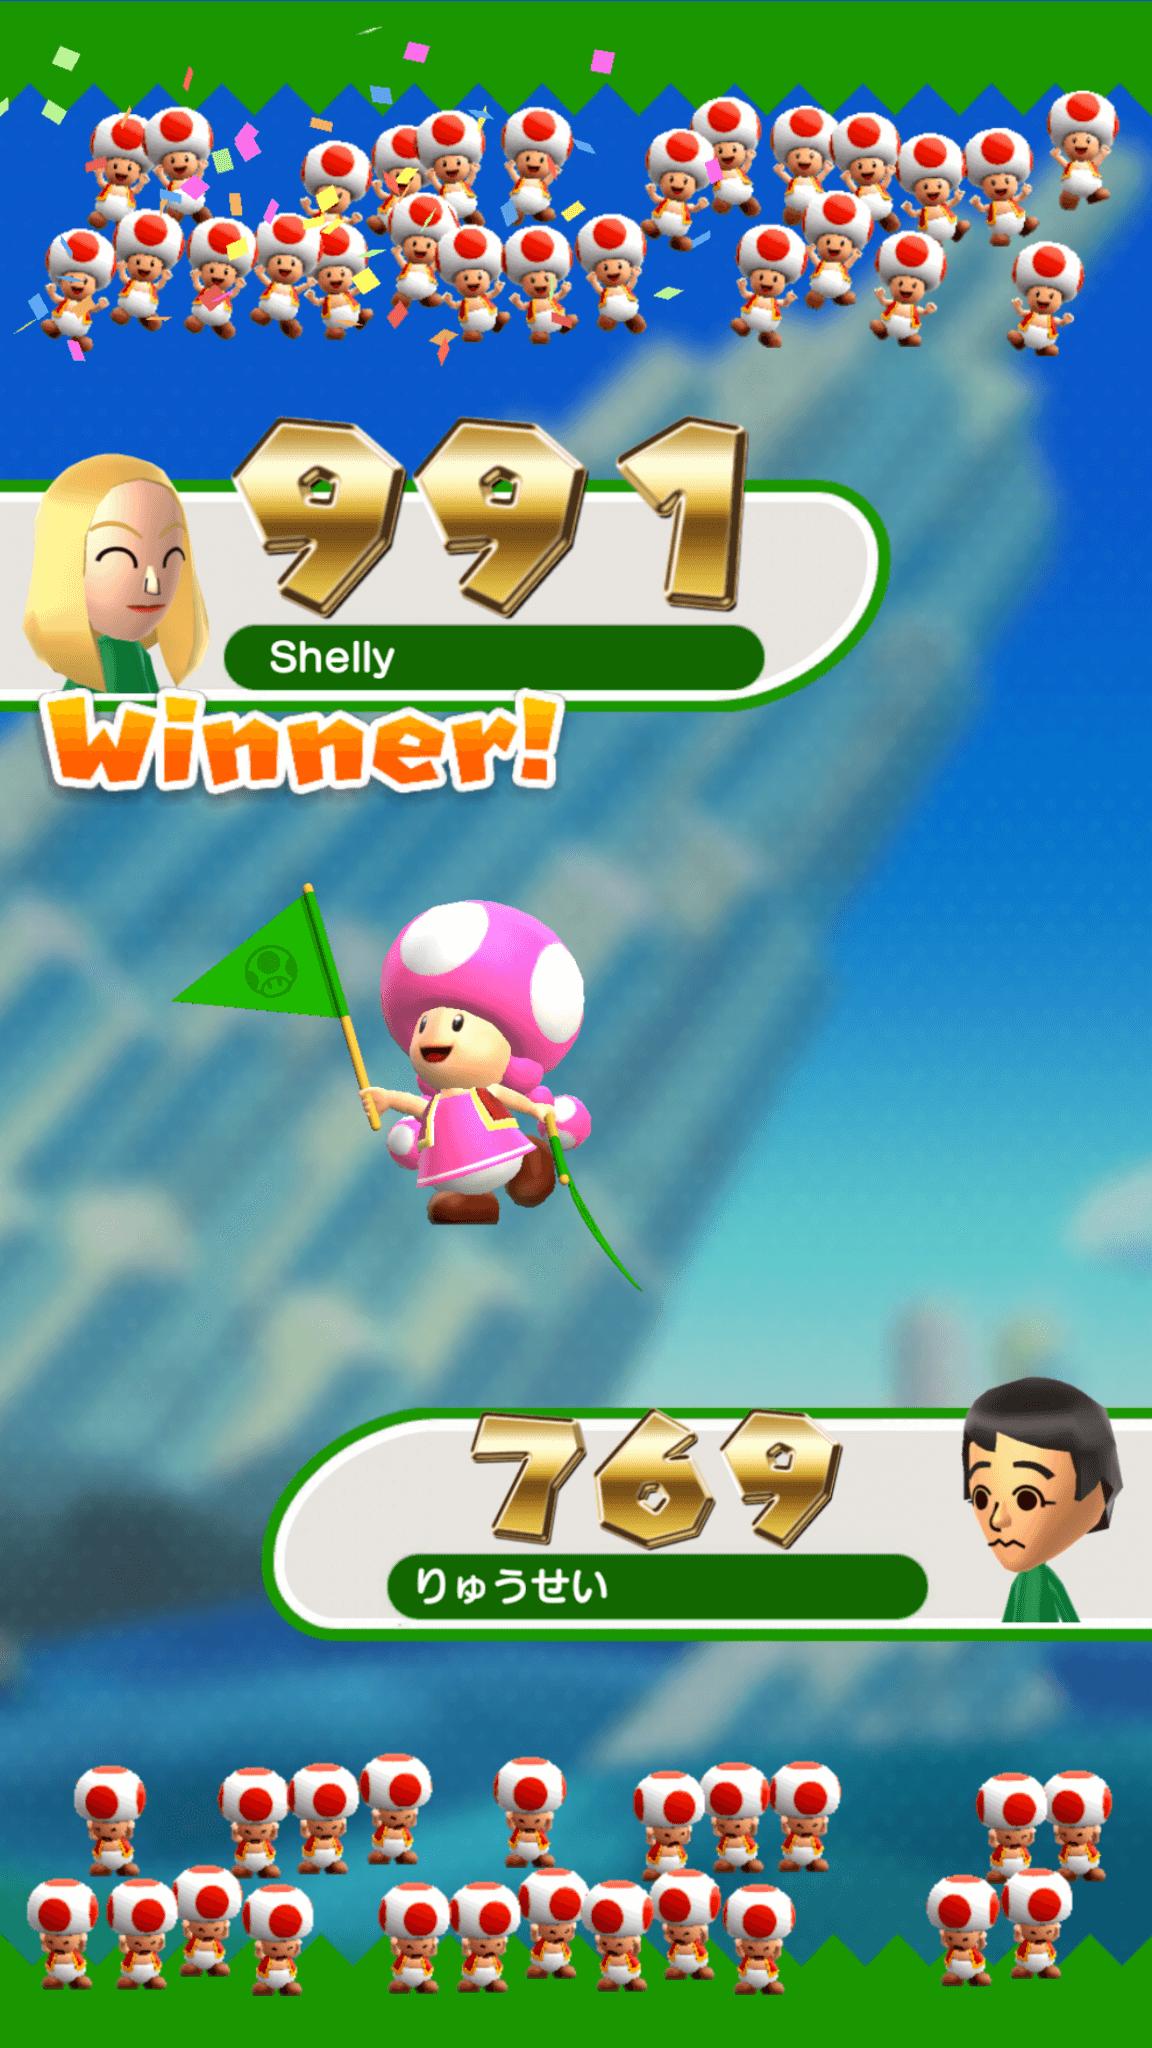 Super Mario Run: Wer hat die meisten Pilze, äh, Punkte? (Bildrechte: Nintendo)